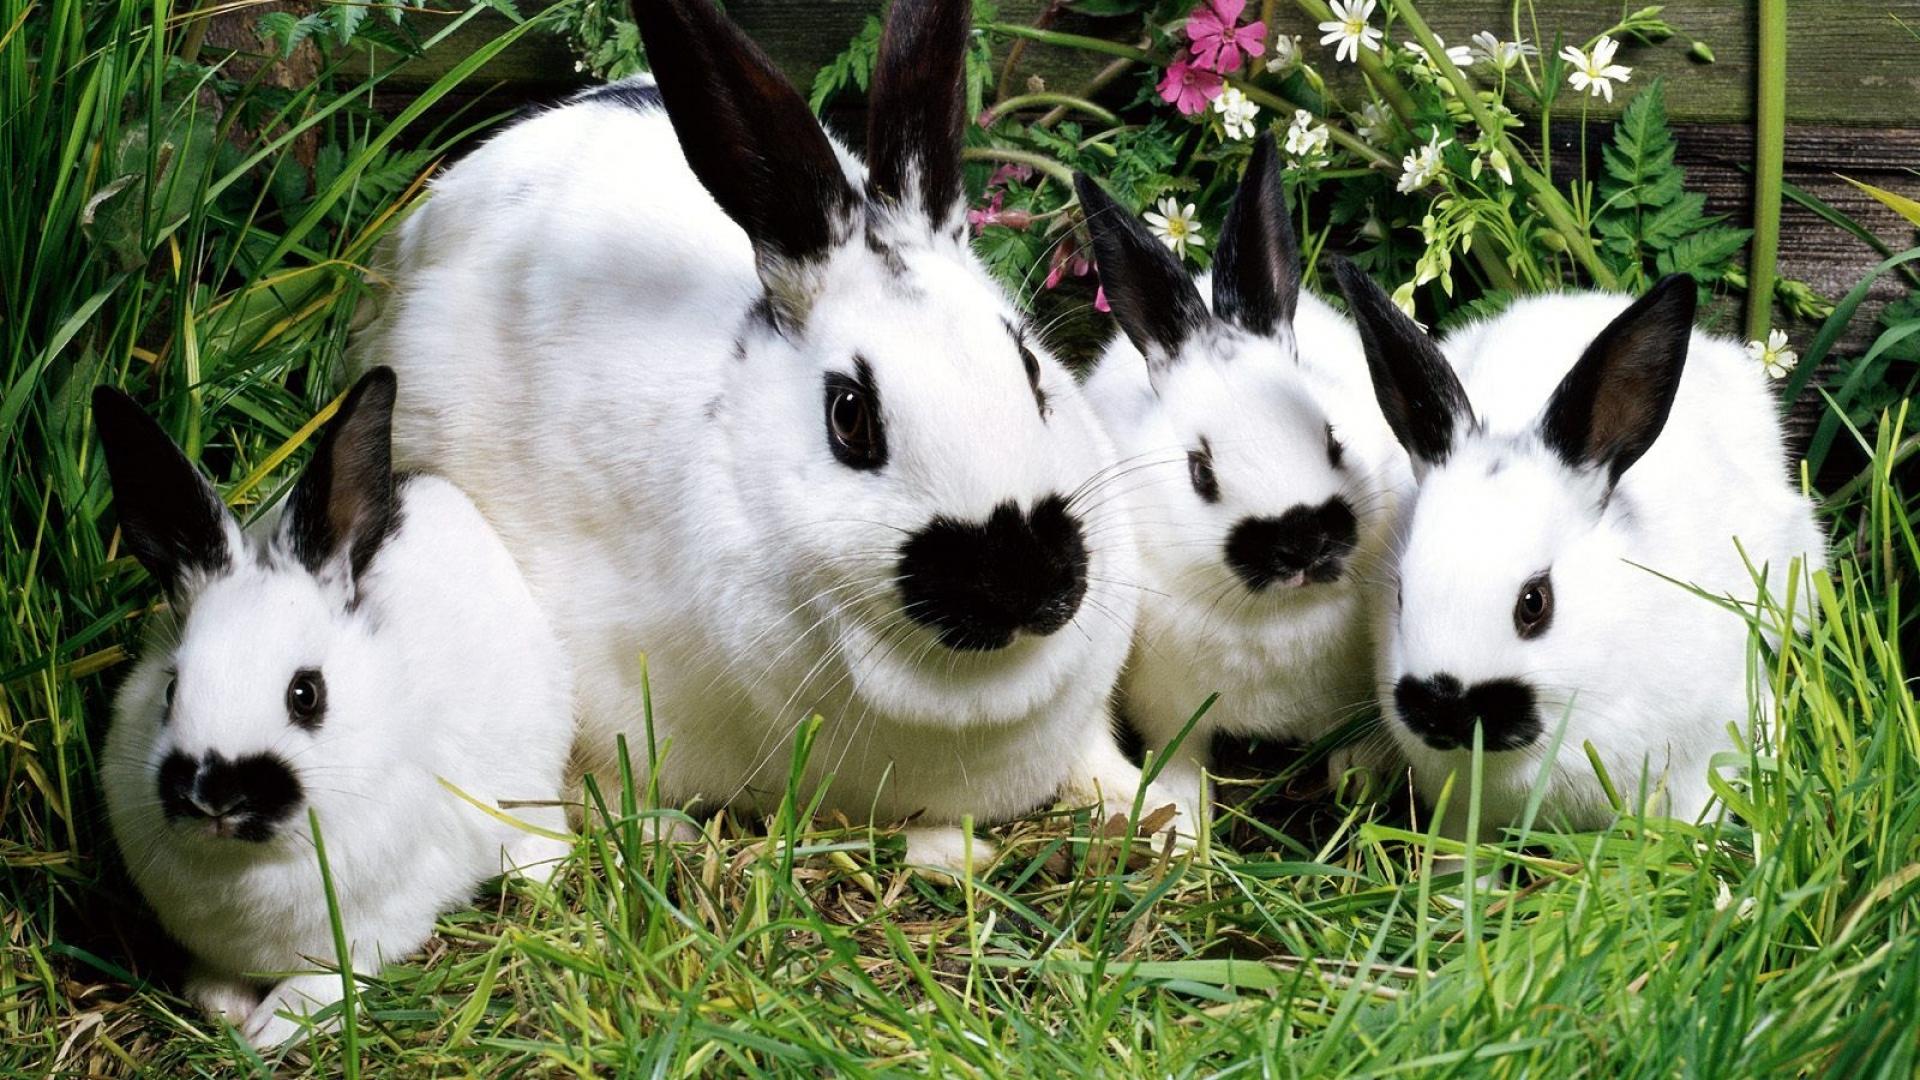 Кролики породы Бабочка: фото, описание, разведение и содержание